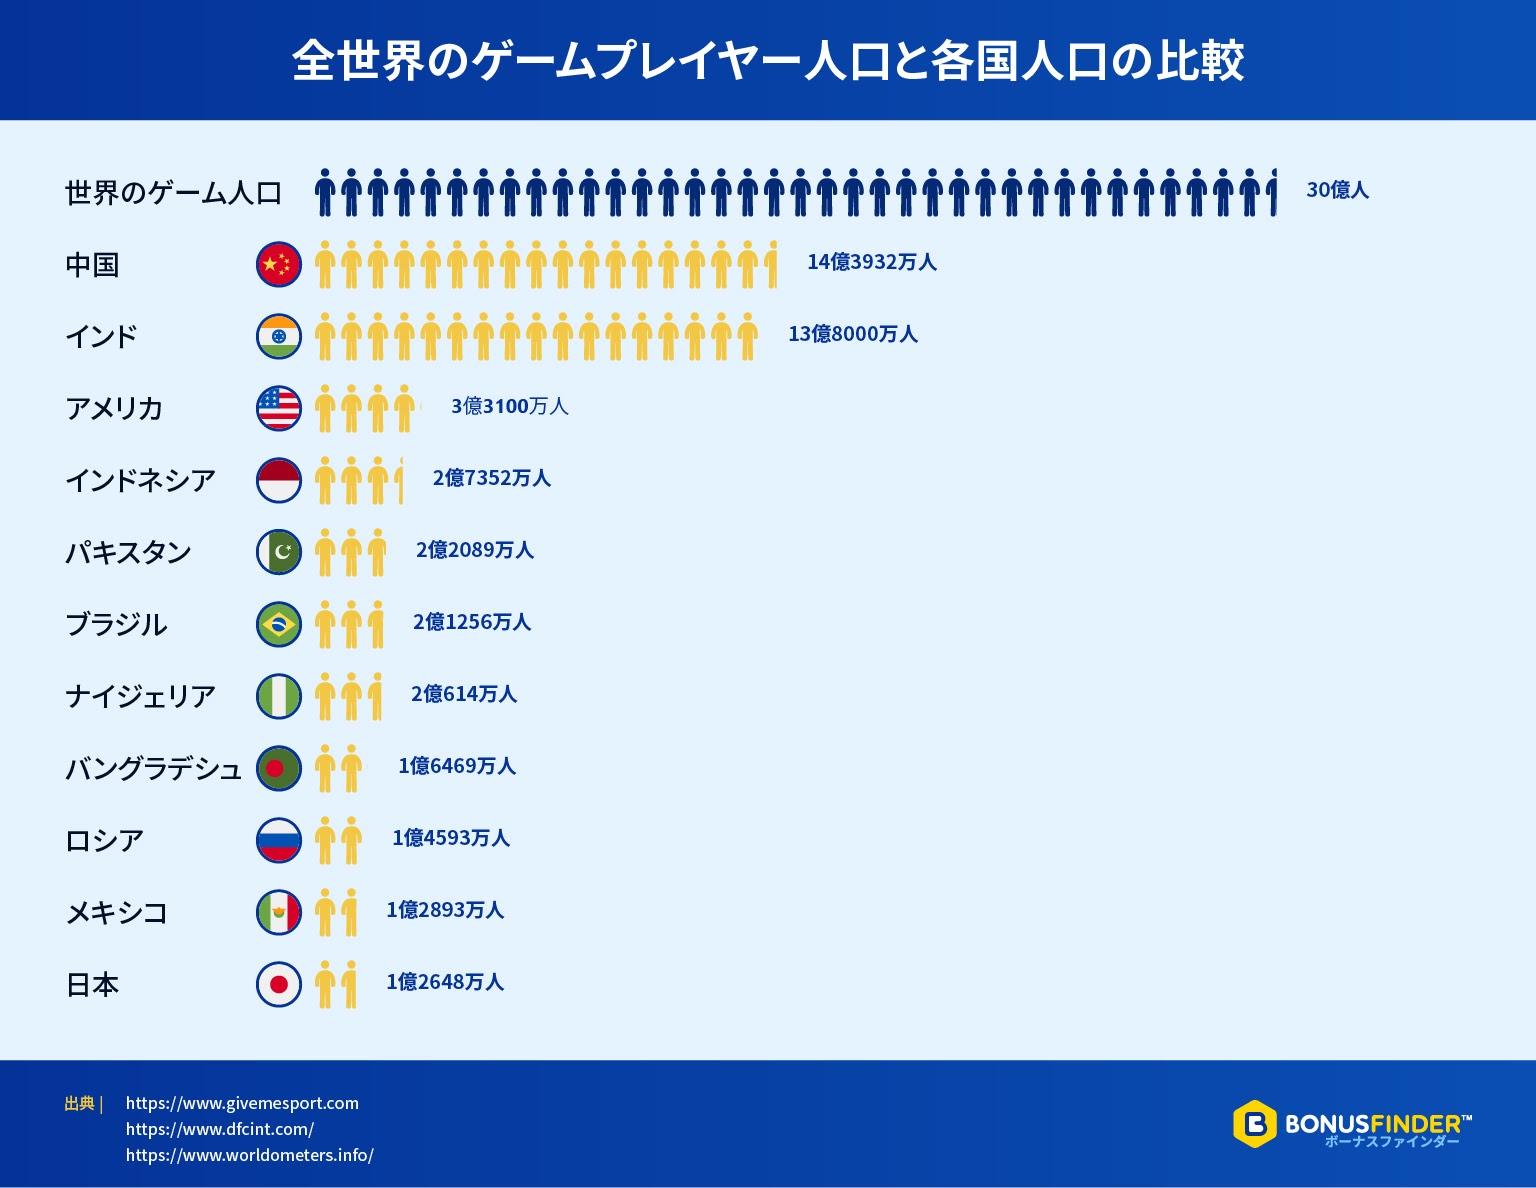 全世界のゲームプレイヤー人口と各国人口の比較